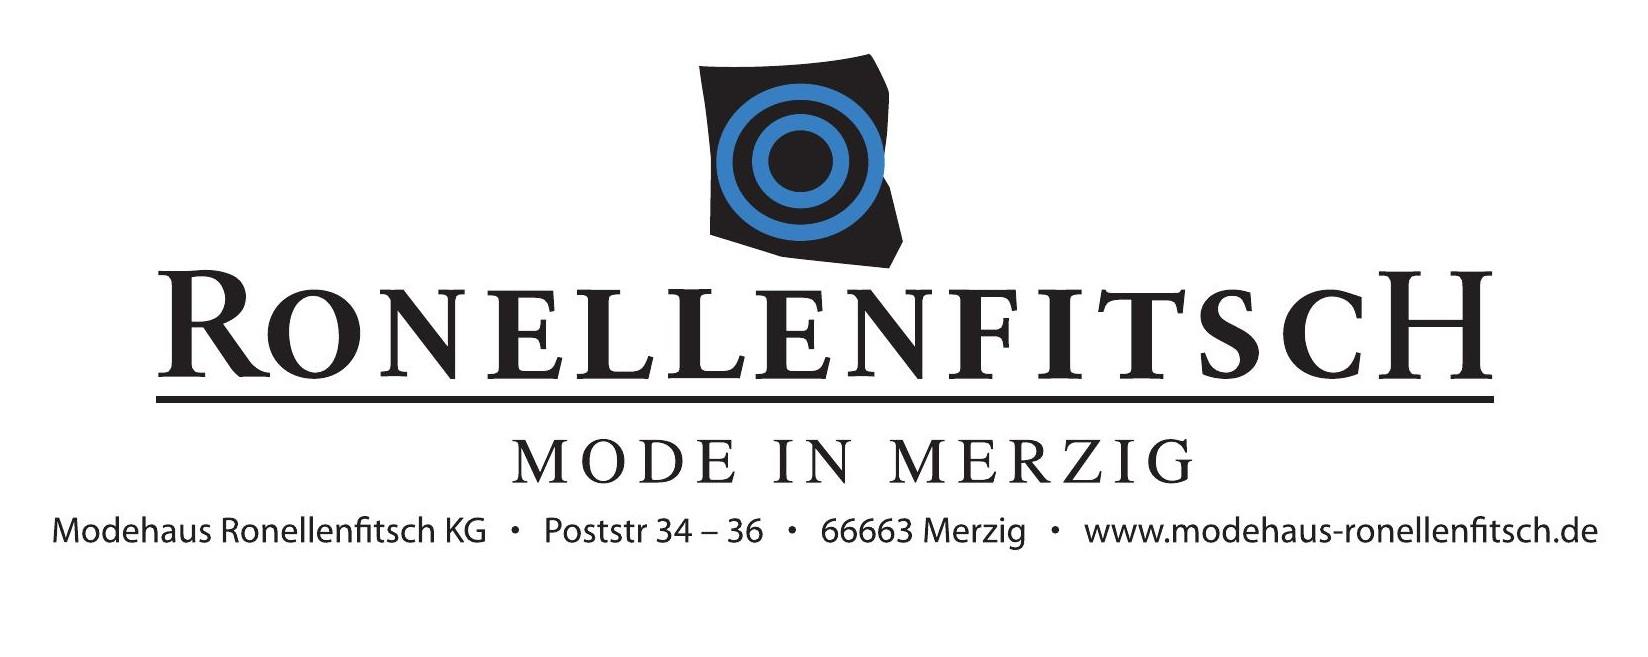 Ronellenfitsch_Logo_KG_000001